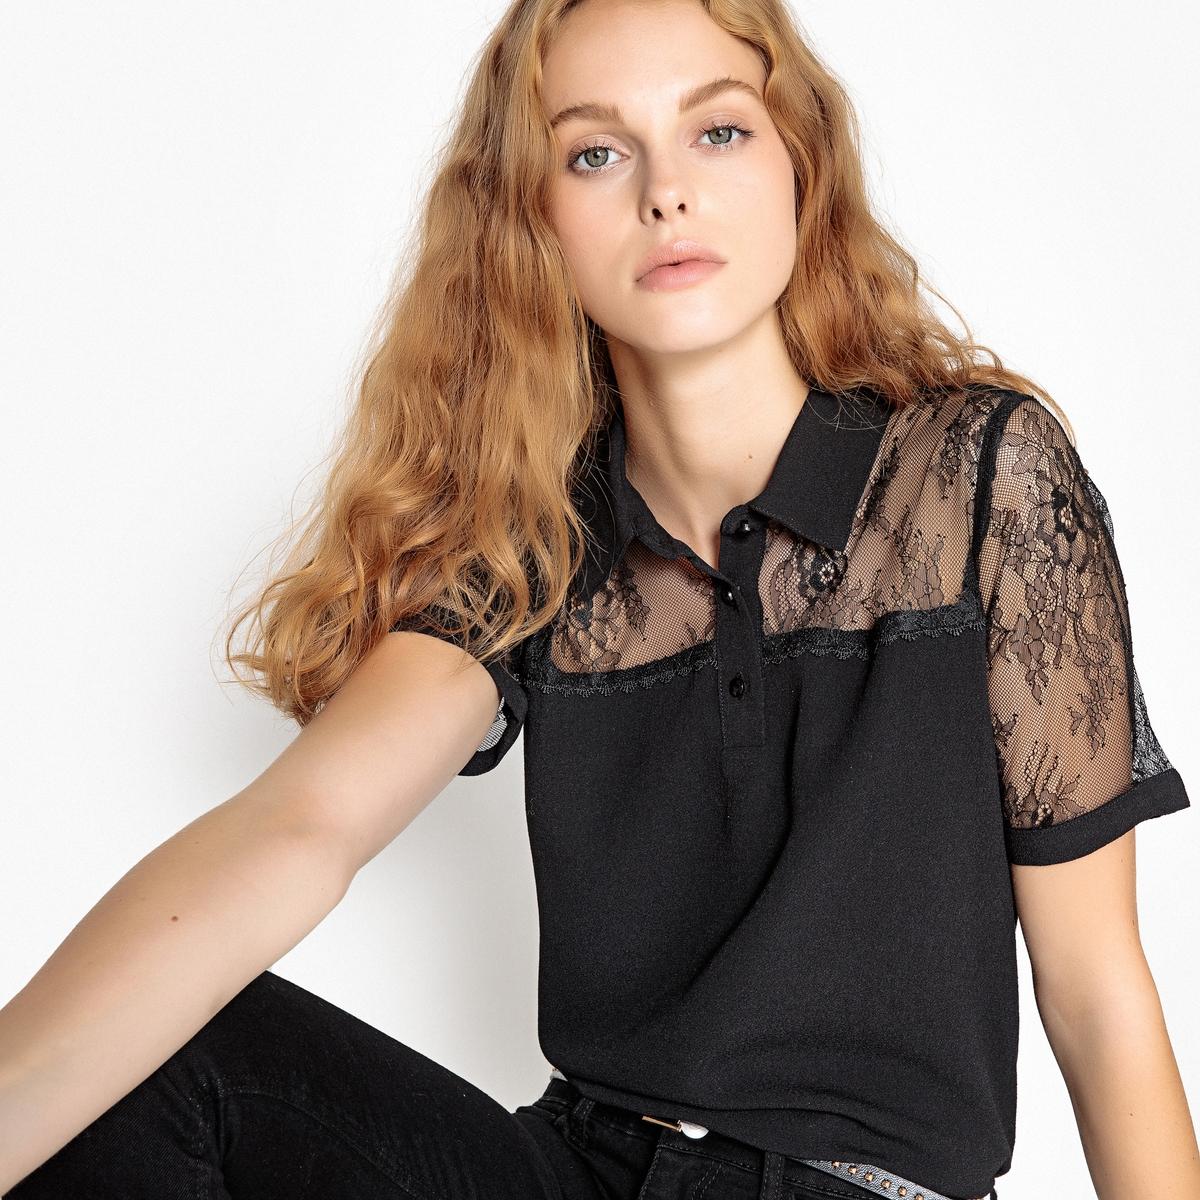 Рубашка с кружевной вставкой платье без рукавов с кружевной вставкой на спинке